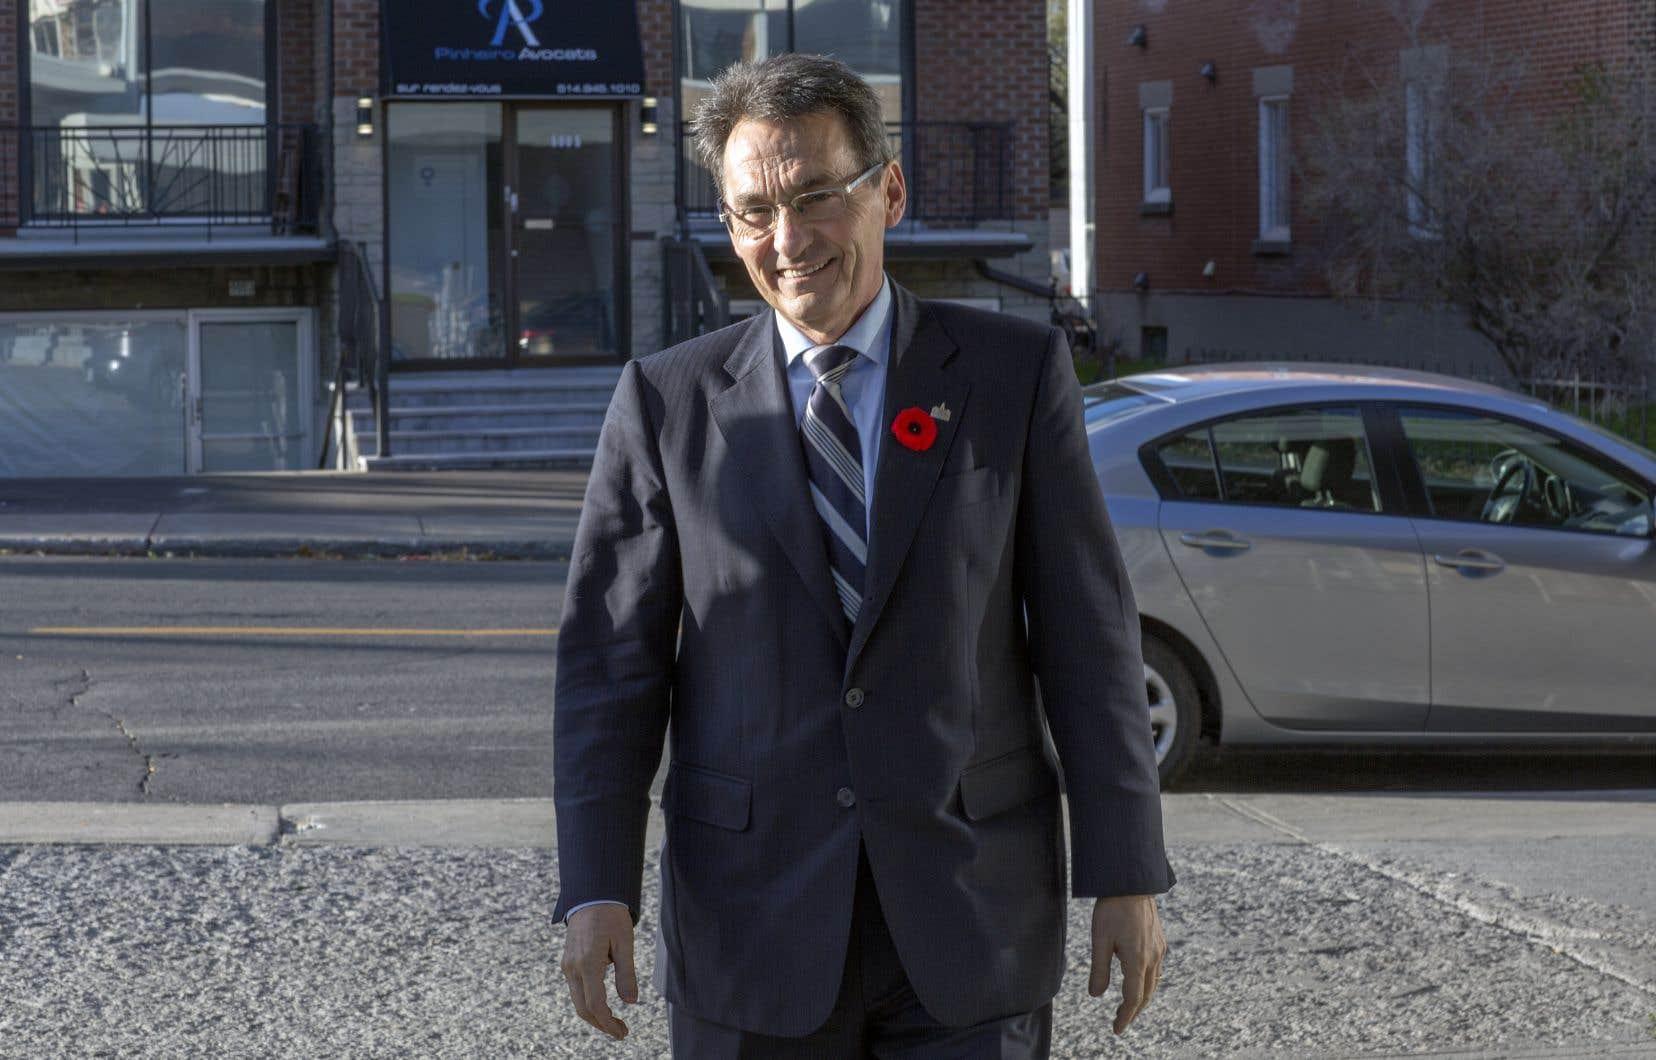 Le plus influent des membres de l'opposition, Richard Bergeron, fondateur de Projet Montréal, s'est rallié à Denis Coderre quand il a été nommé au puissant comité exécutif de la Ville de Montréal, en 2013.